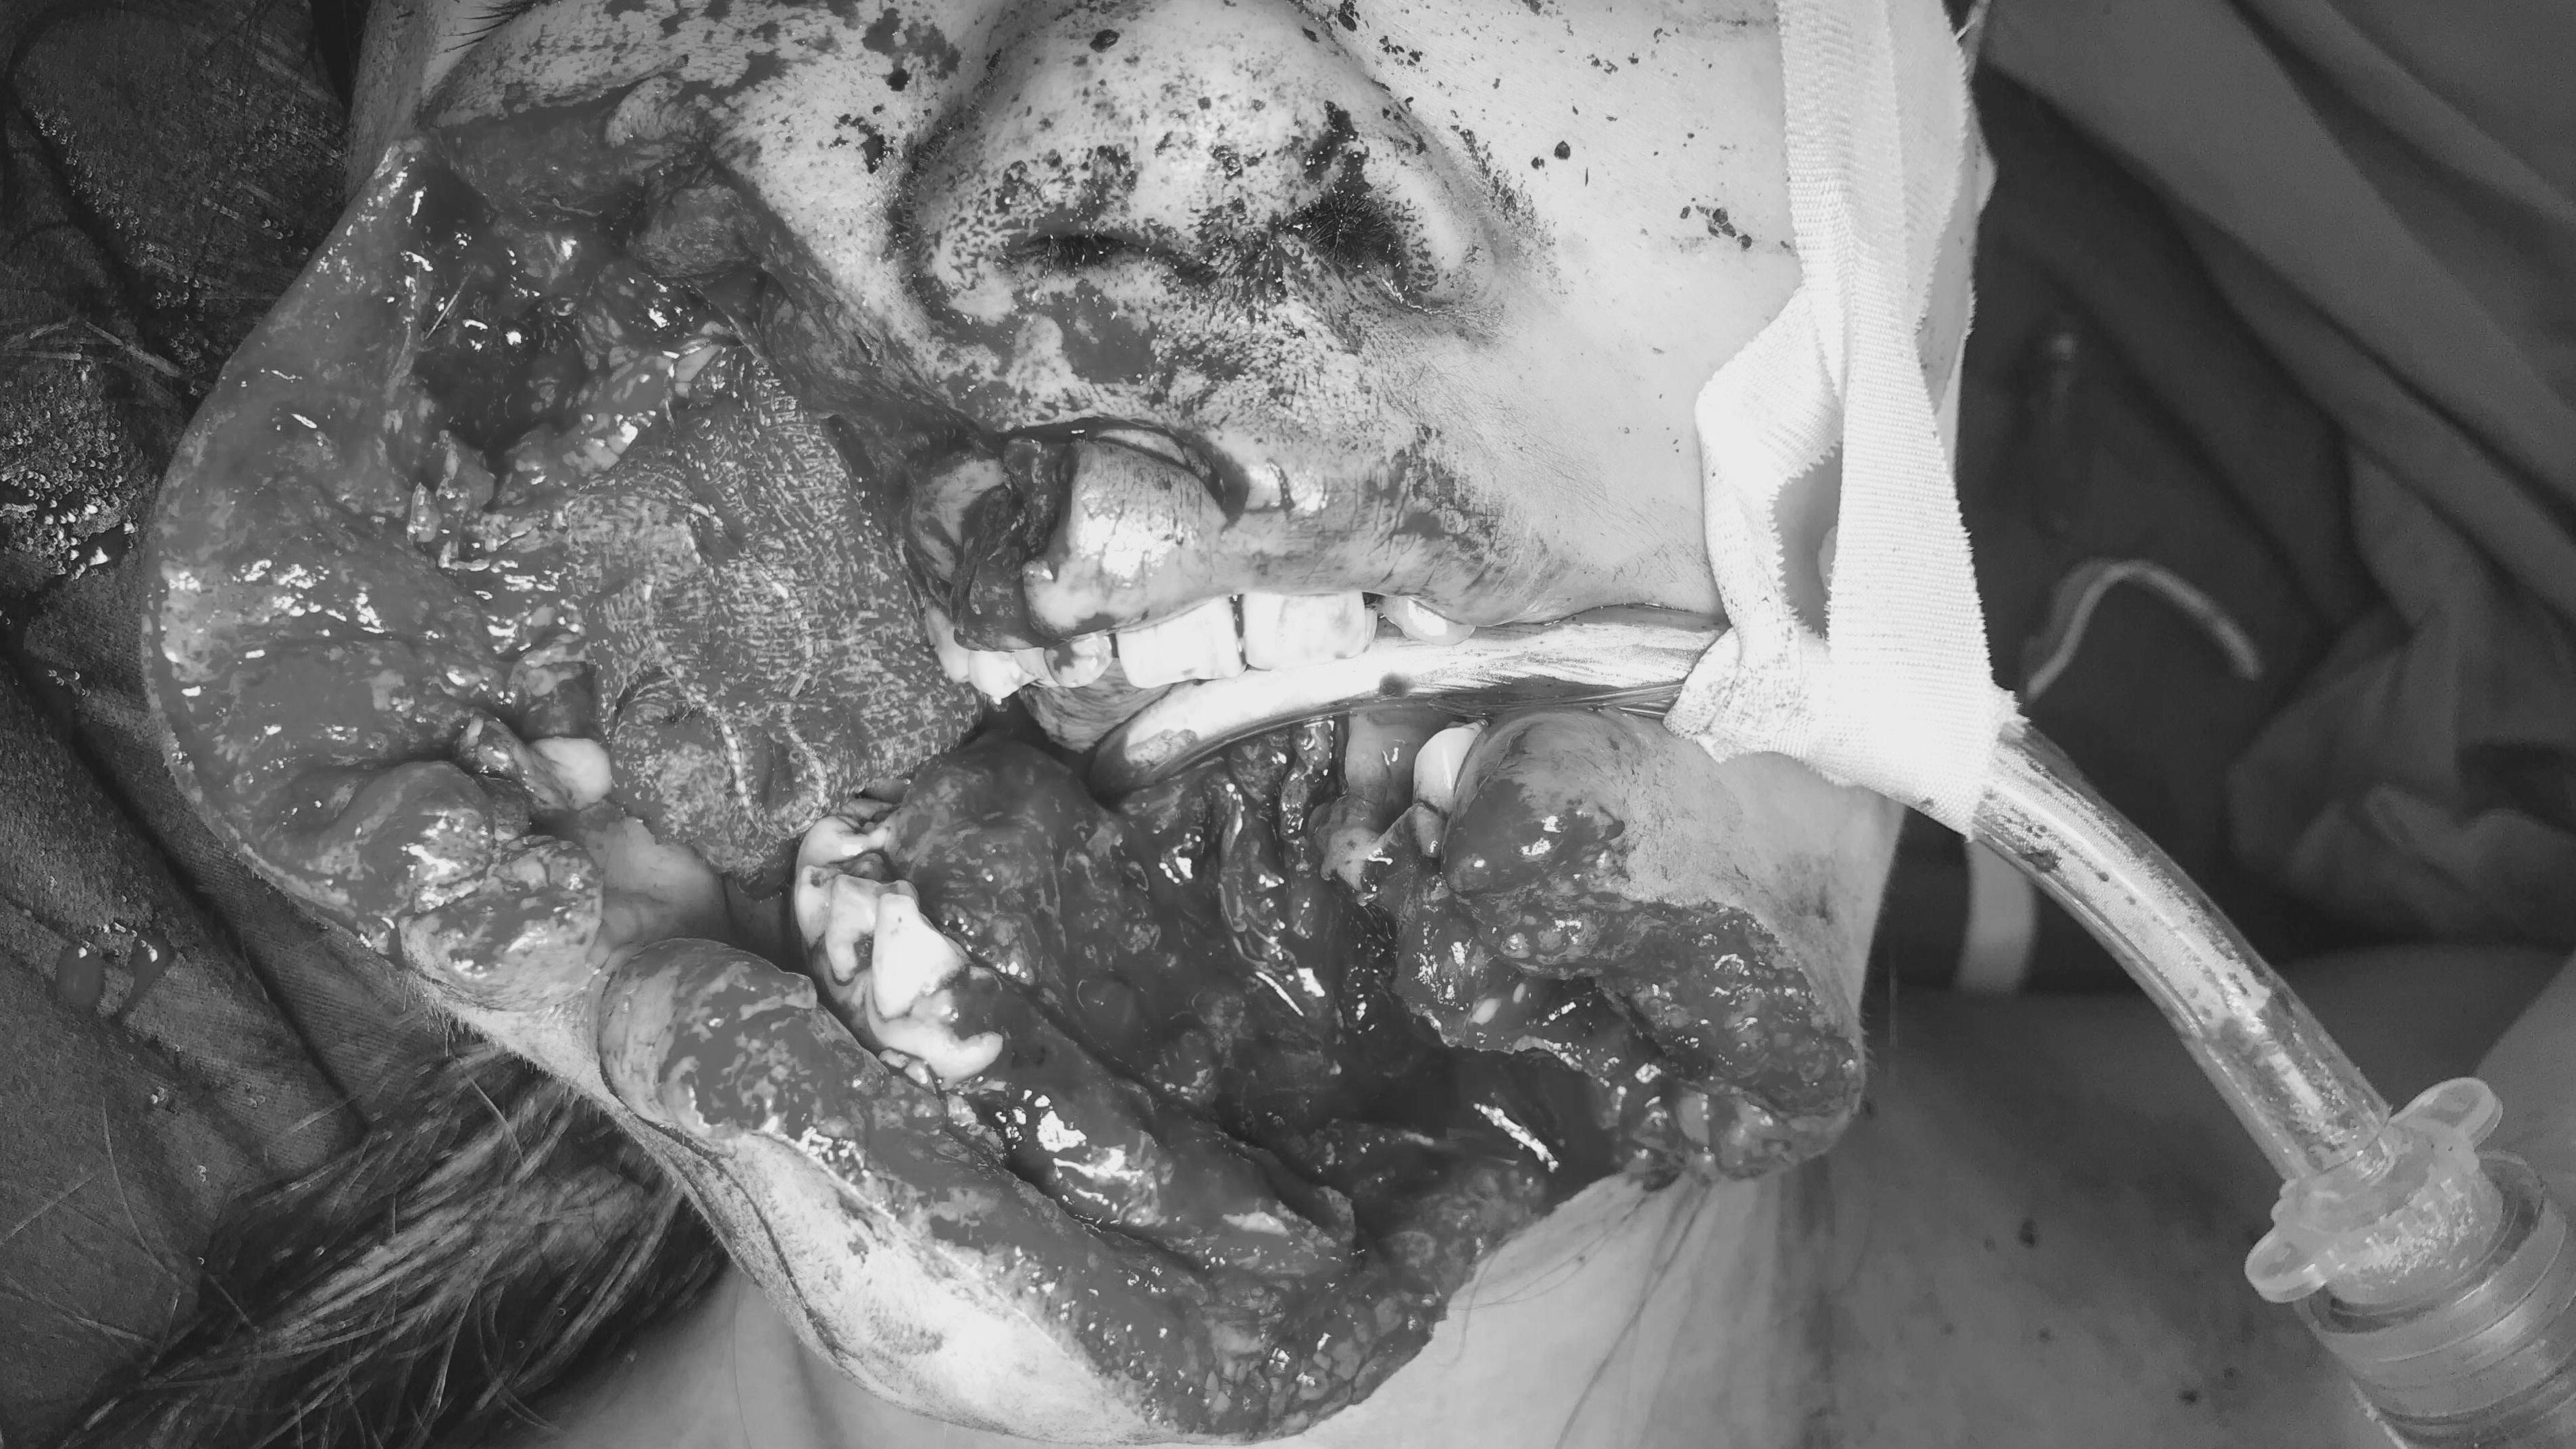 Phẫu thuật tái tạo thành công khuôn mặt vỡ đôi của một nữ bệnh nhân